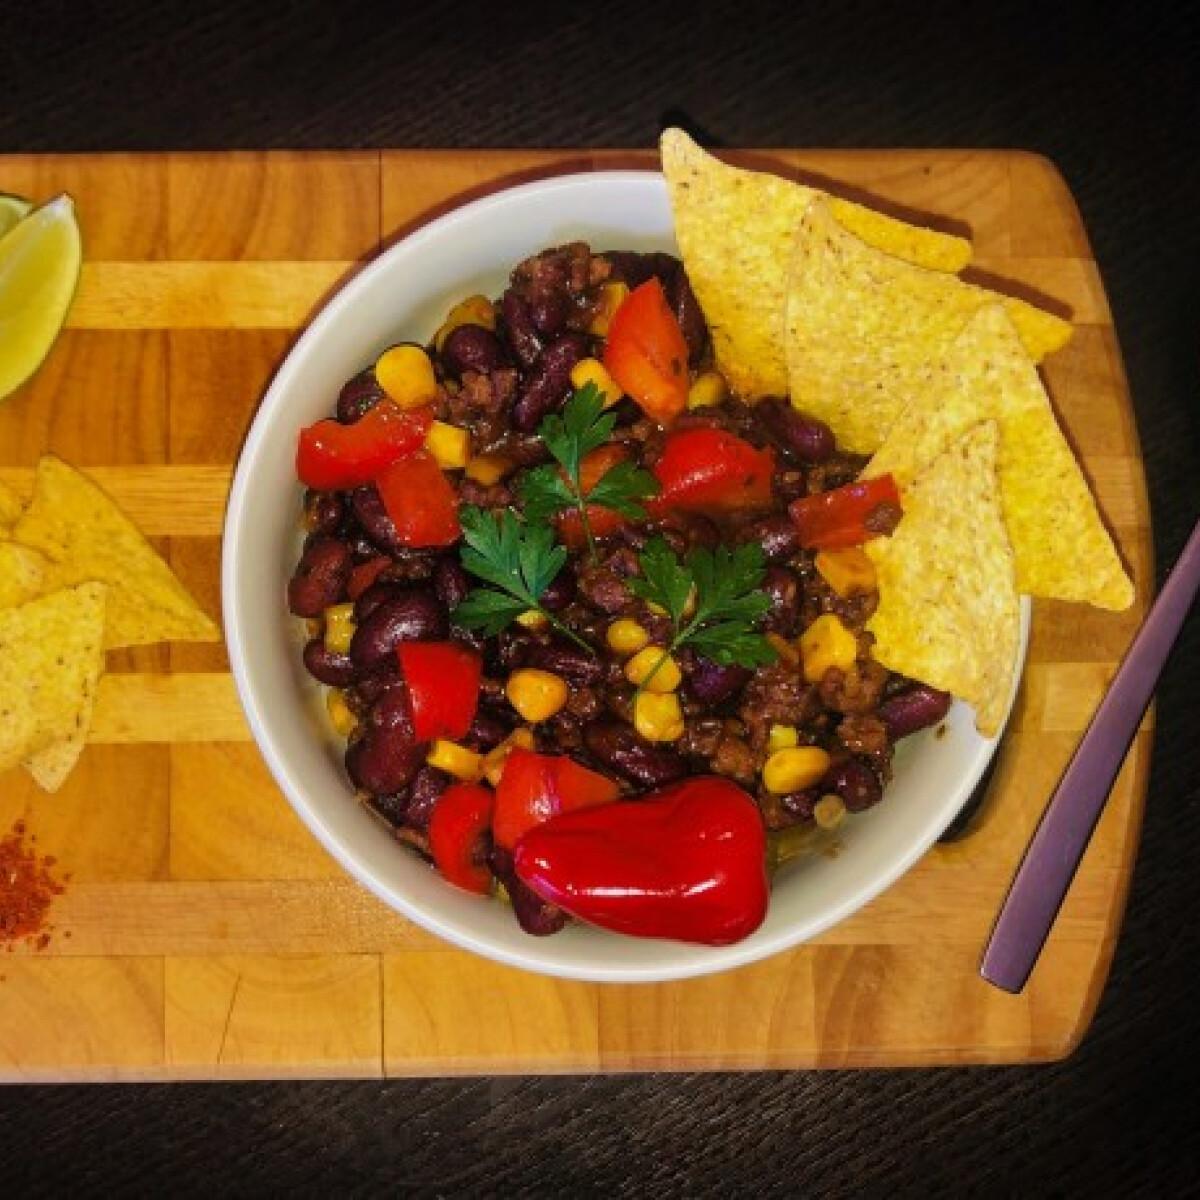 Ezen a képen: Chili con carne tillzoli konyhájából